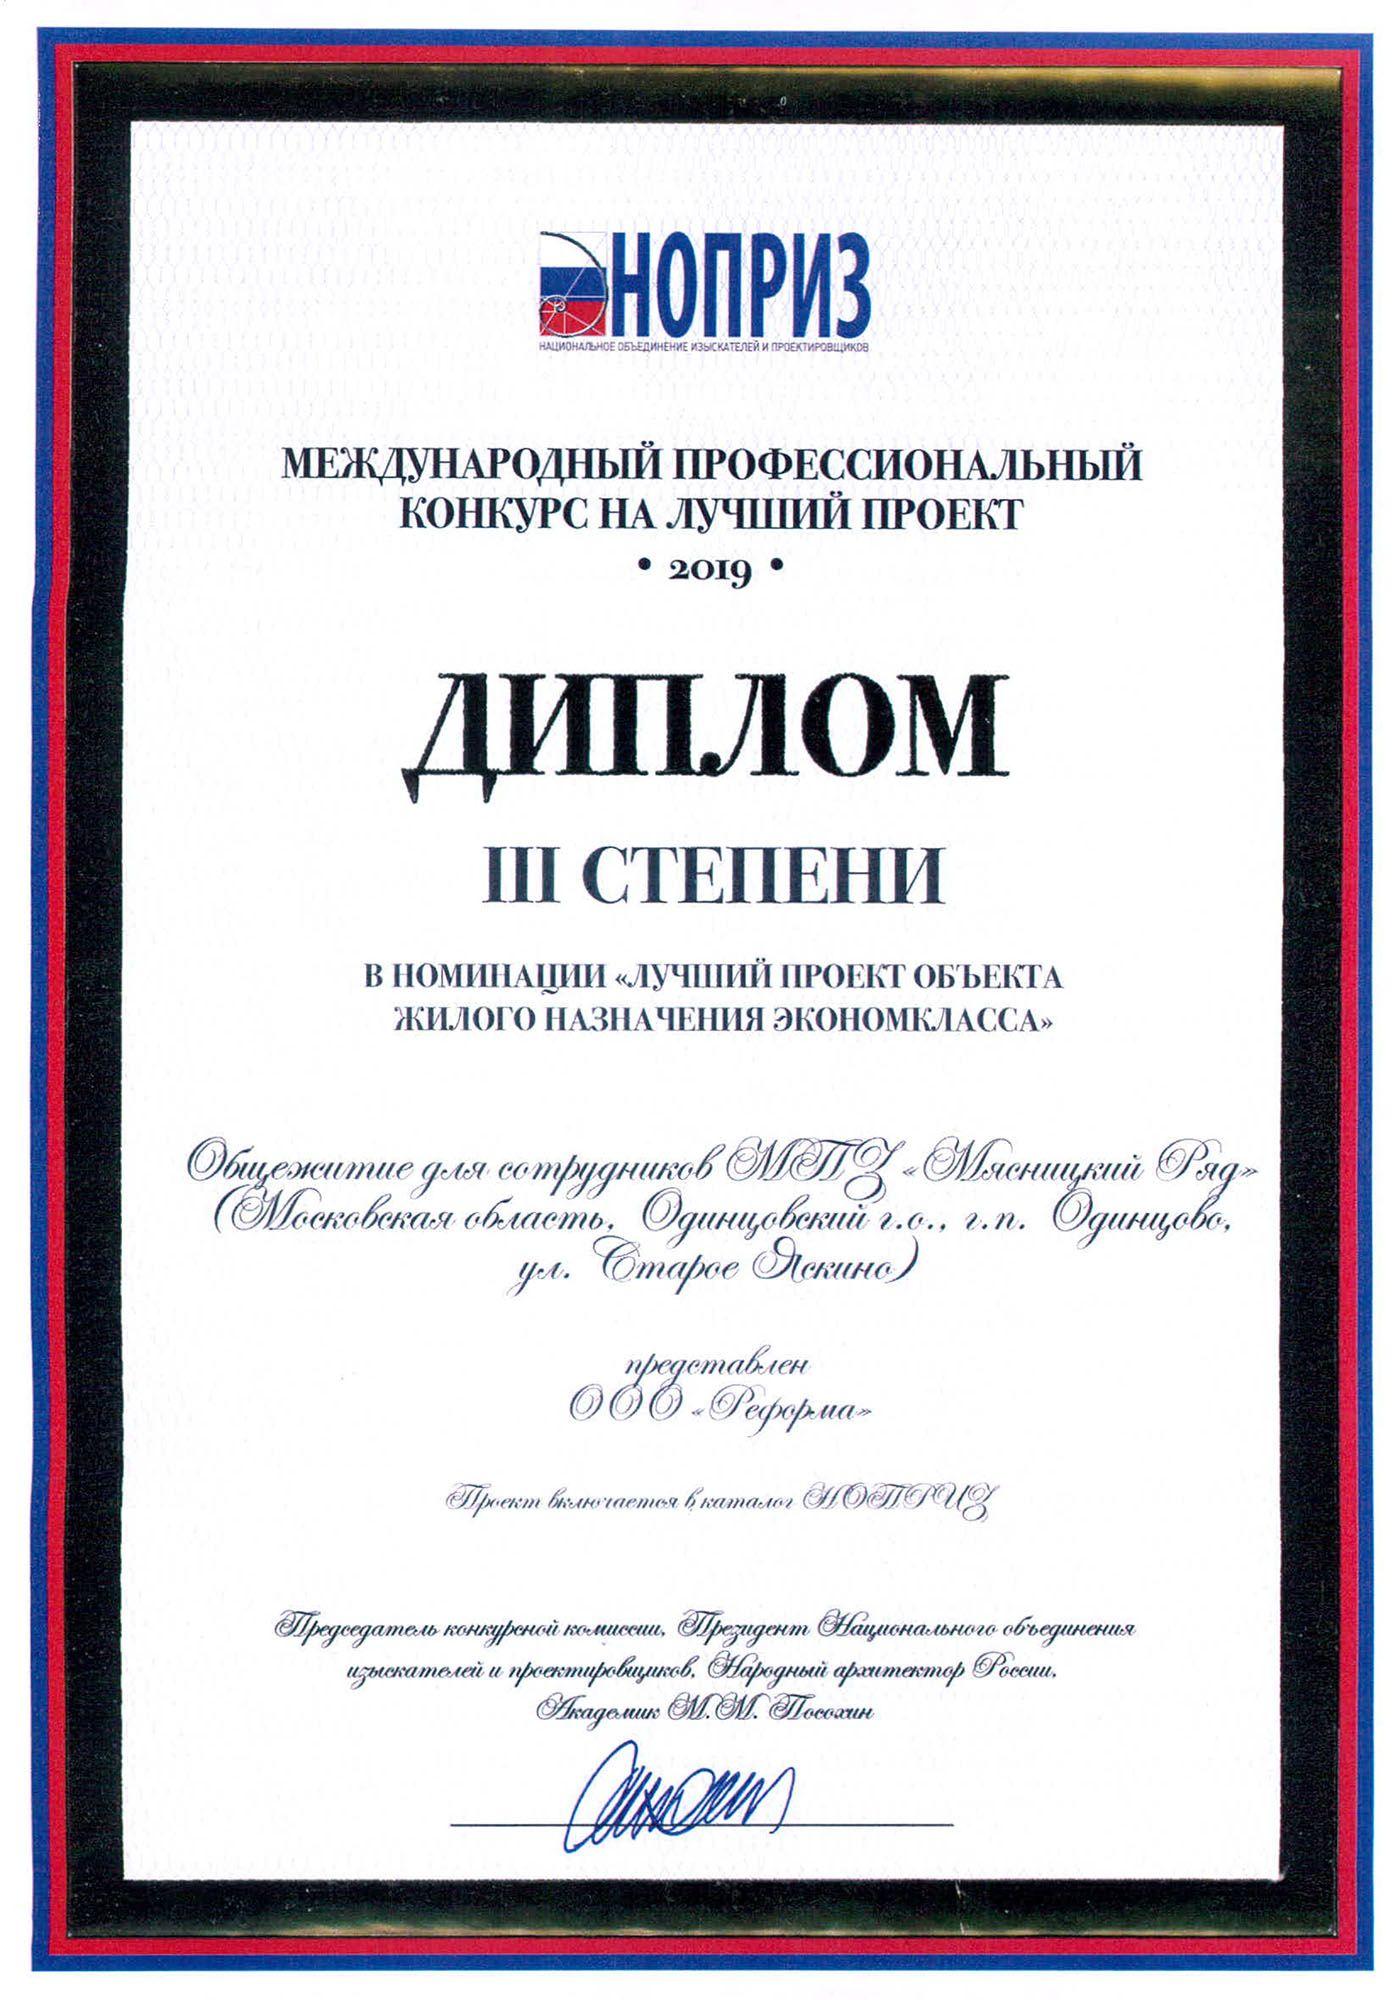 <a href='https://archreforma.ru/publikaciiinagrady/nopriz-2019-diplom-2/'>Посмотреть подробнее... 'НОПРИЗ 2019 Диплом 2</a>